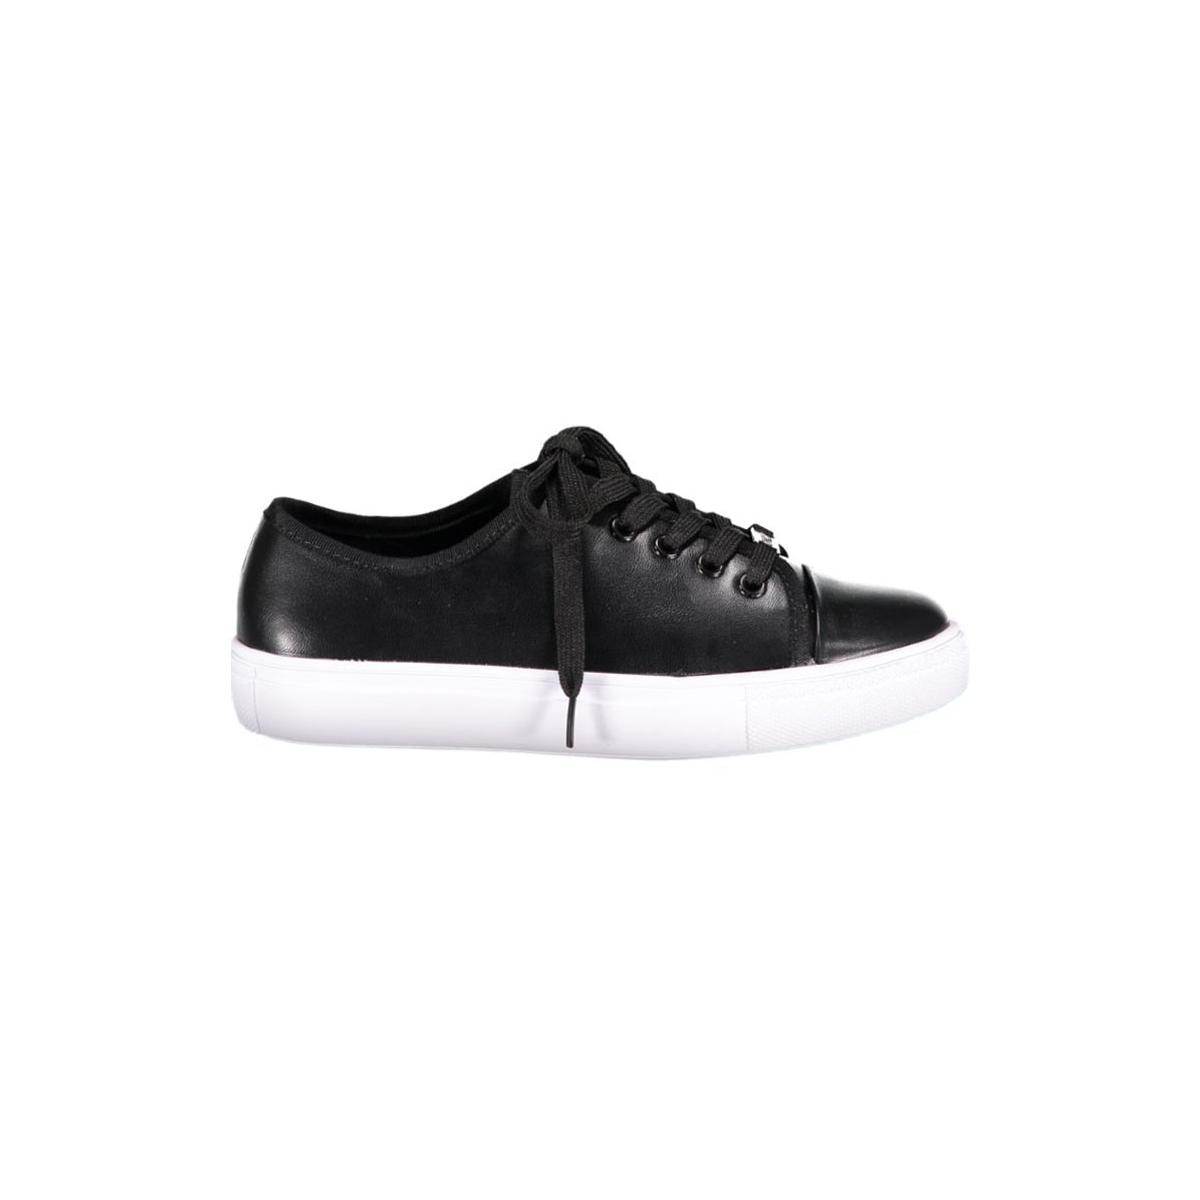 onlsage sneaker 15123637 only sneaker black/white sole